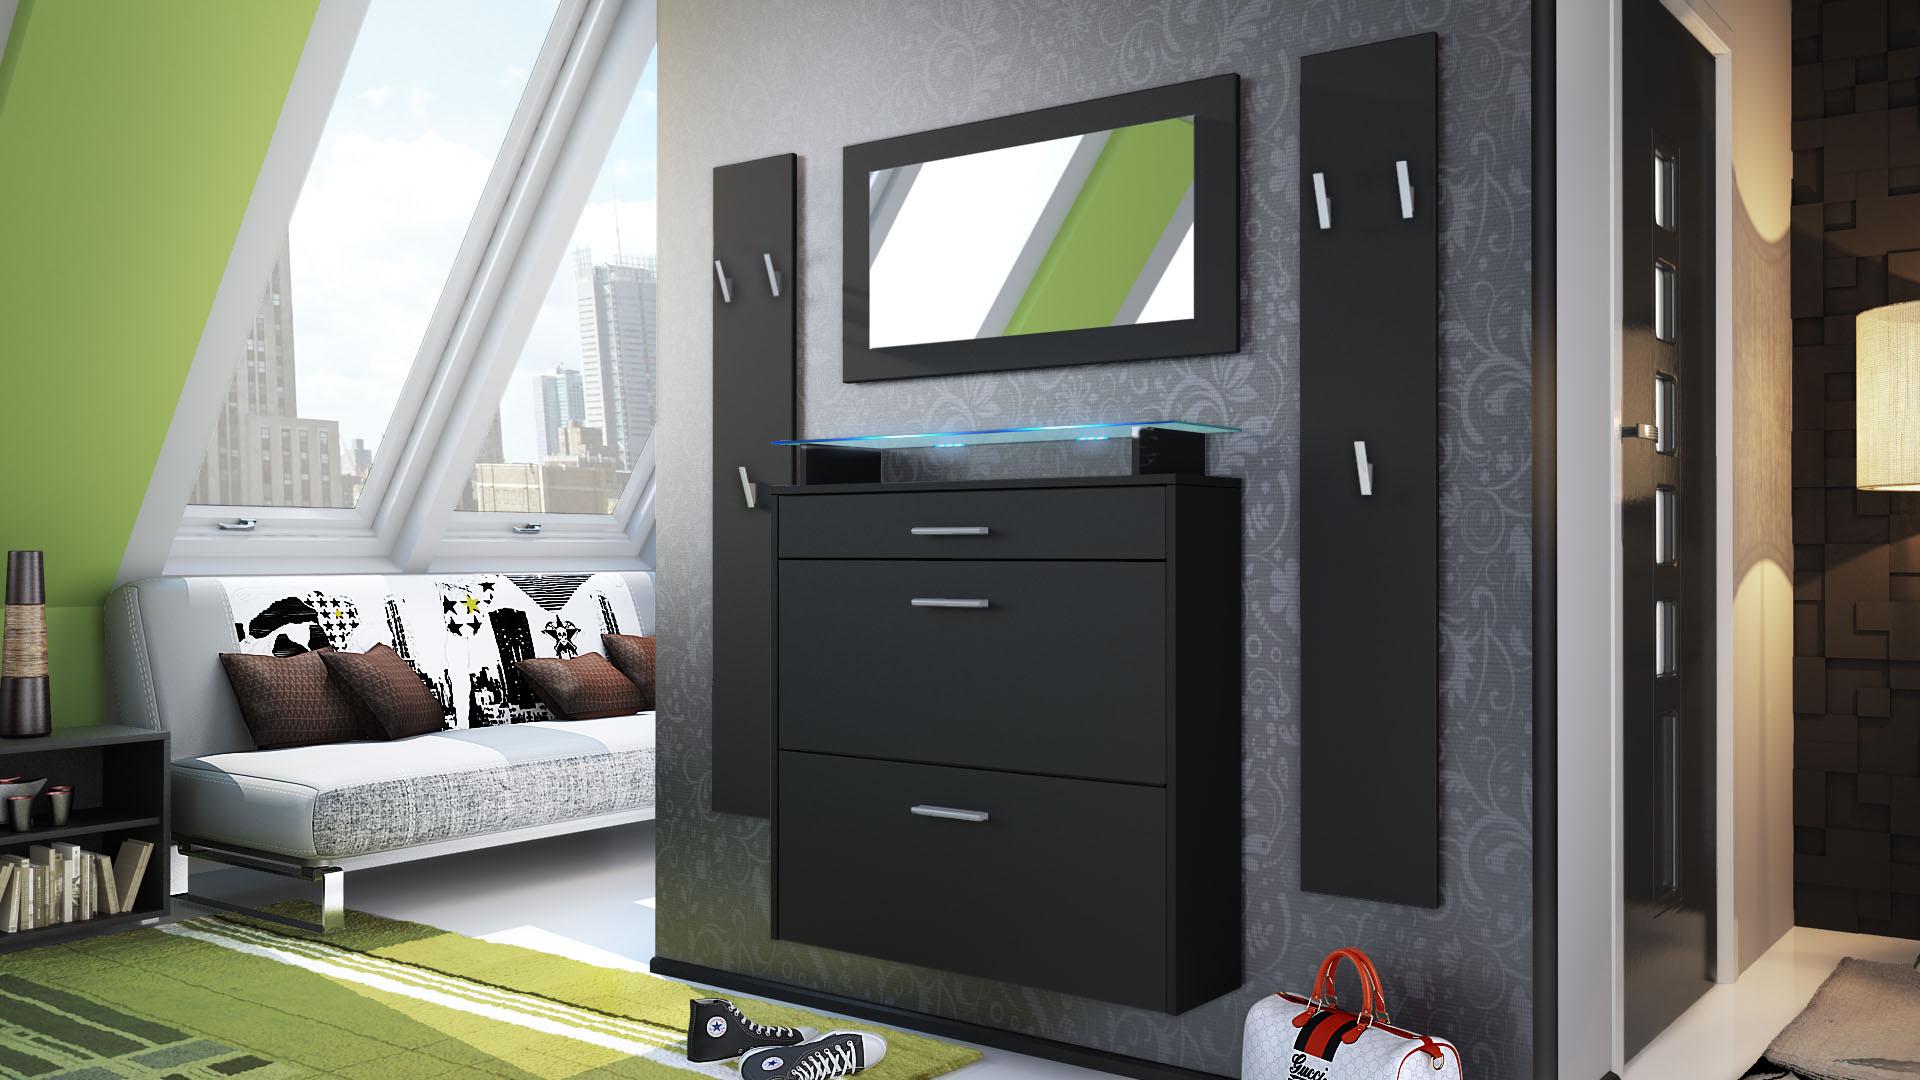 Garderobenset flur garderobe dielenset malea in schwarz for Flur garderobe glas edelstahl